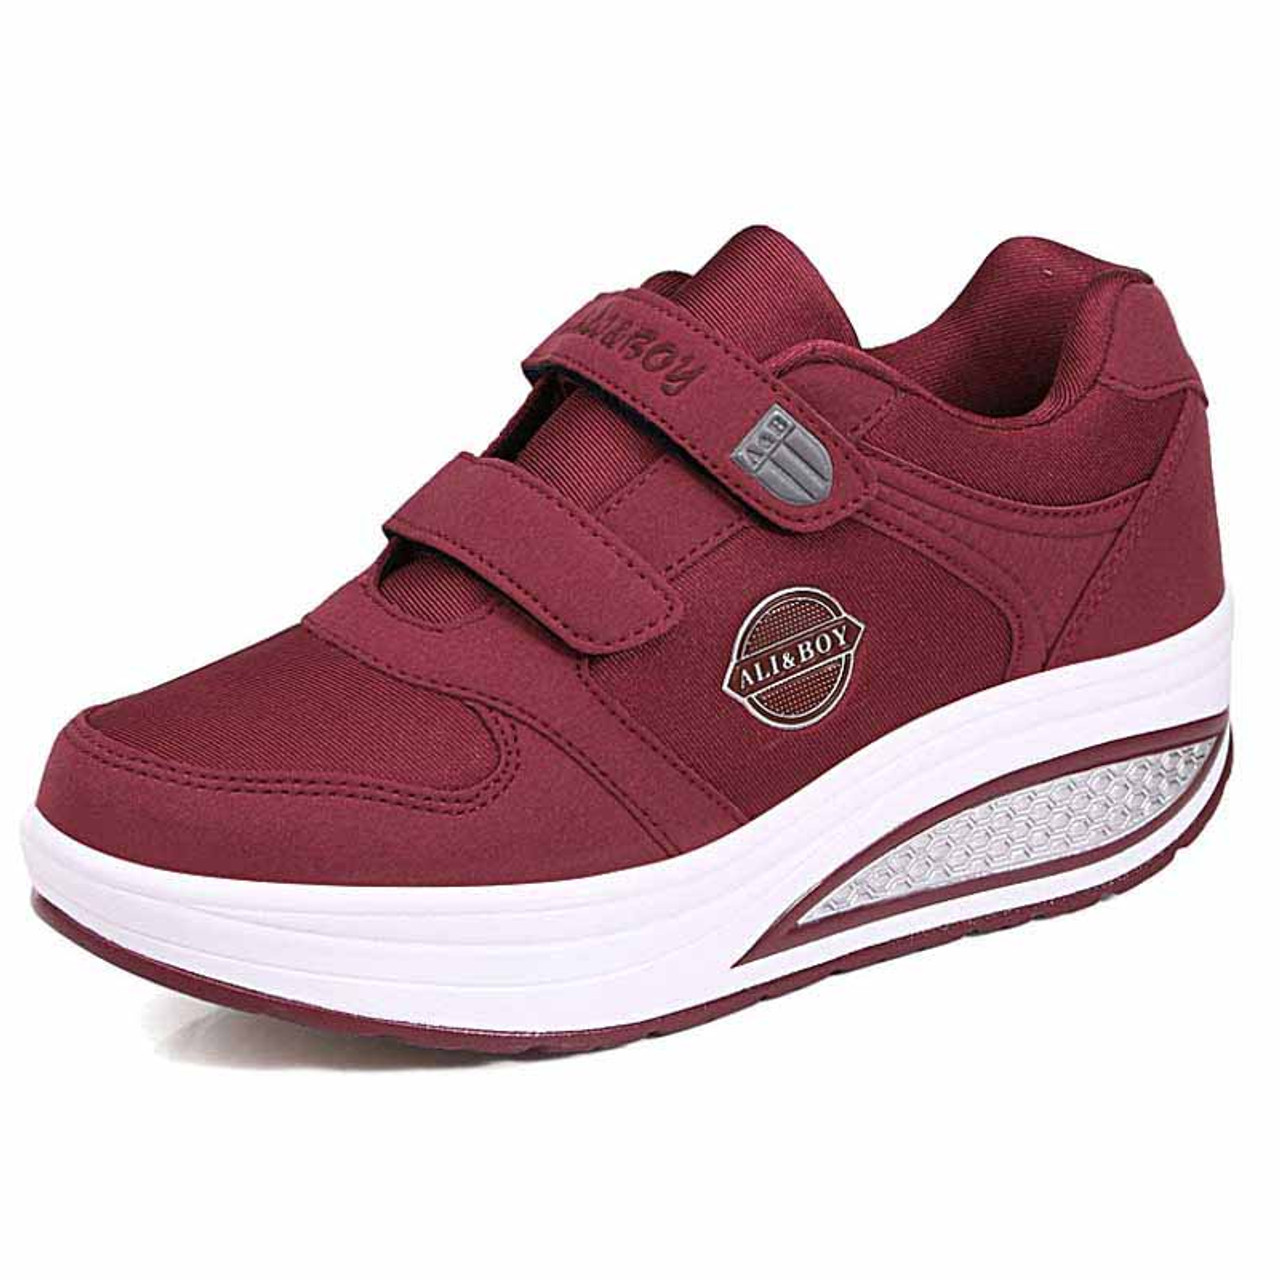 9b1f625cec9 Red double velcro rocker bottom shoe sneaker